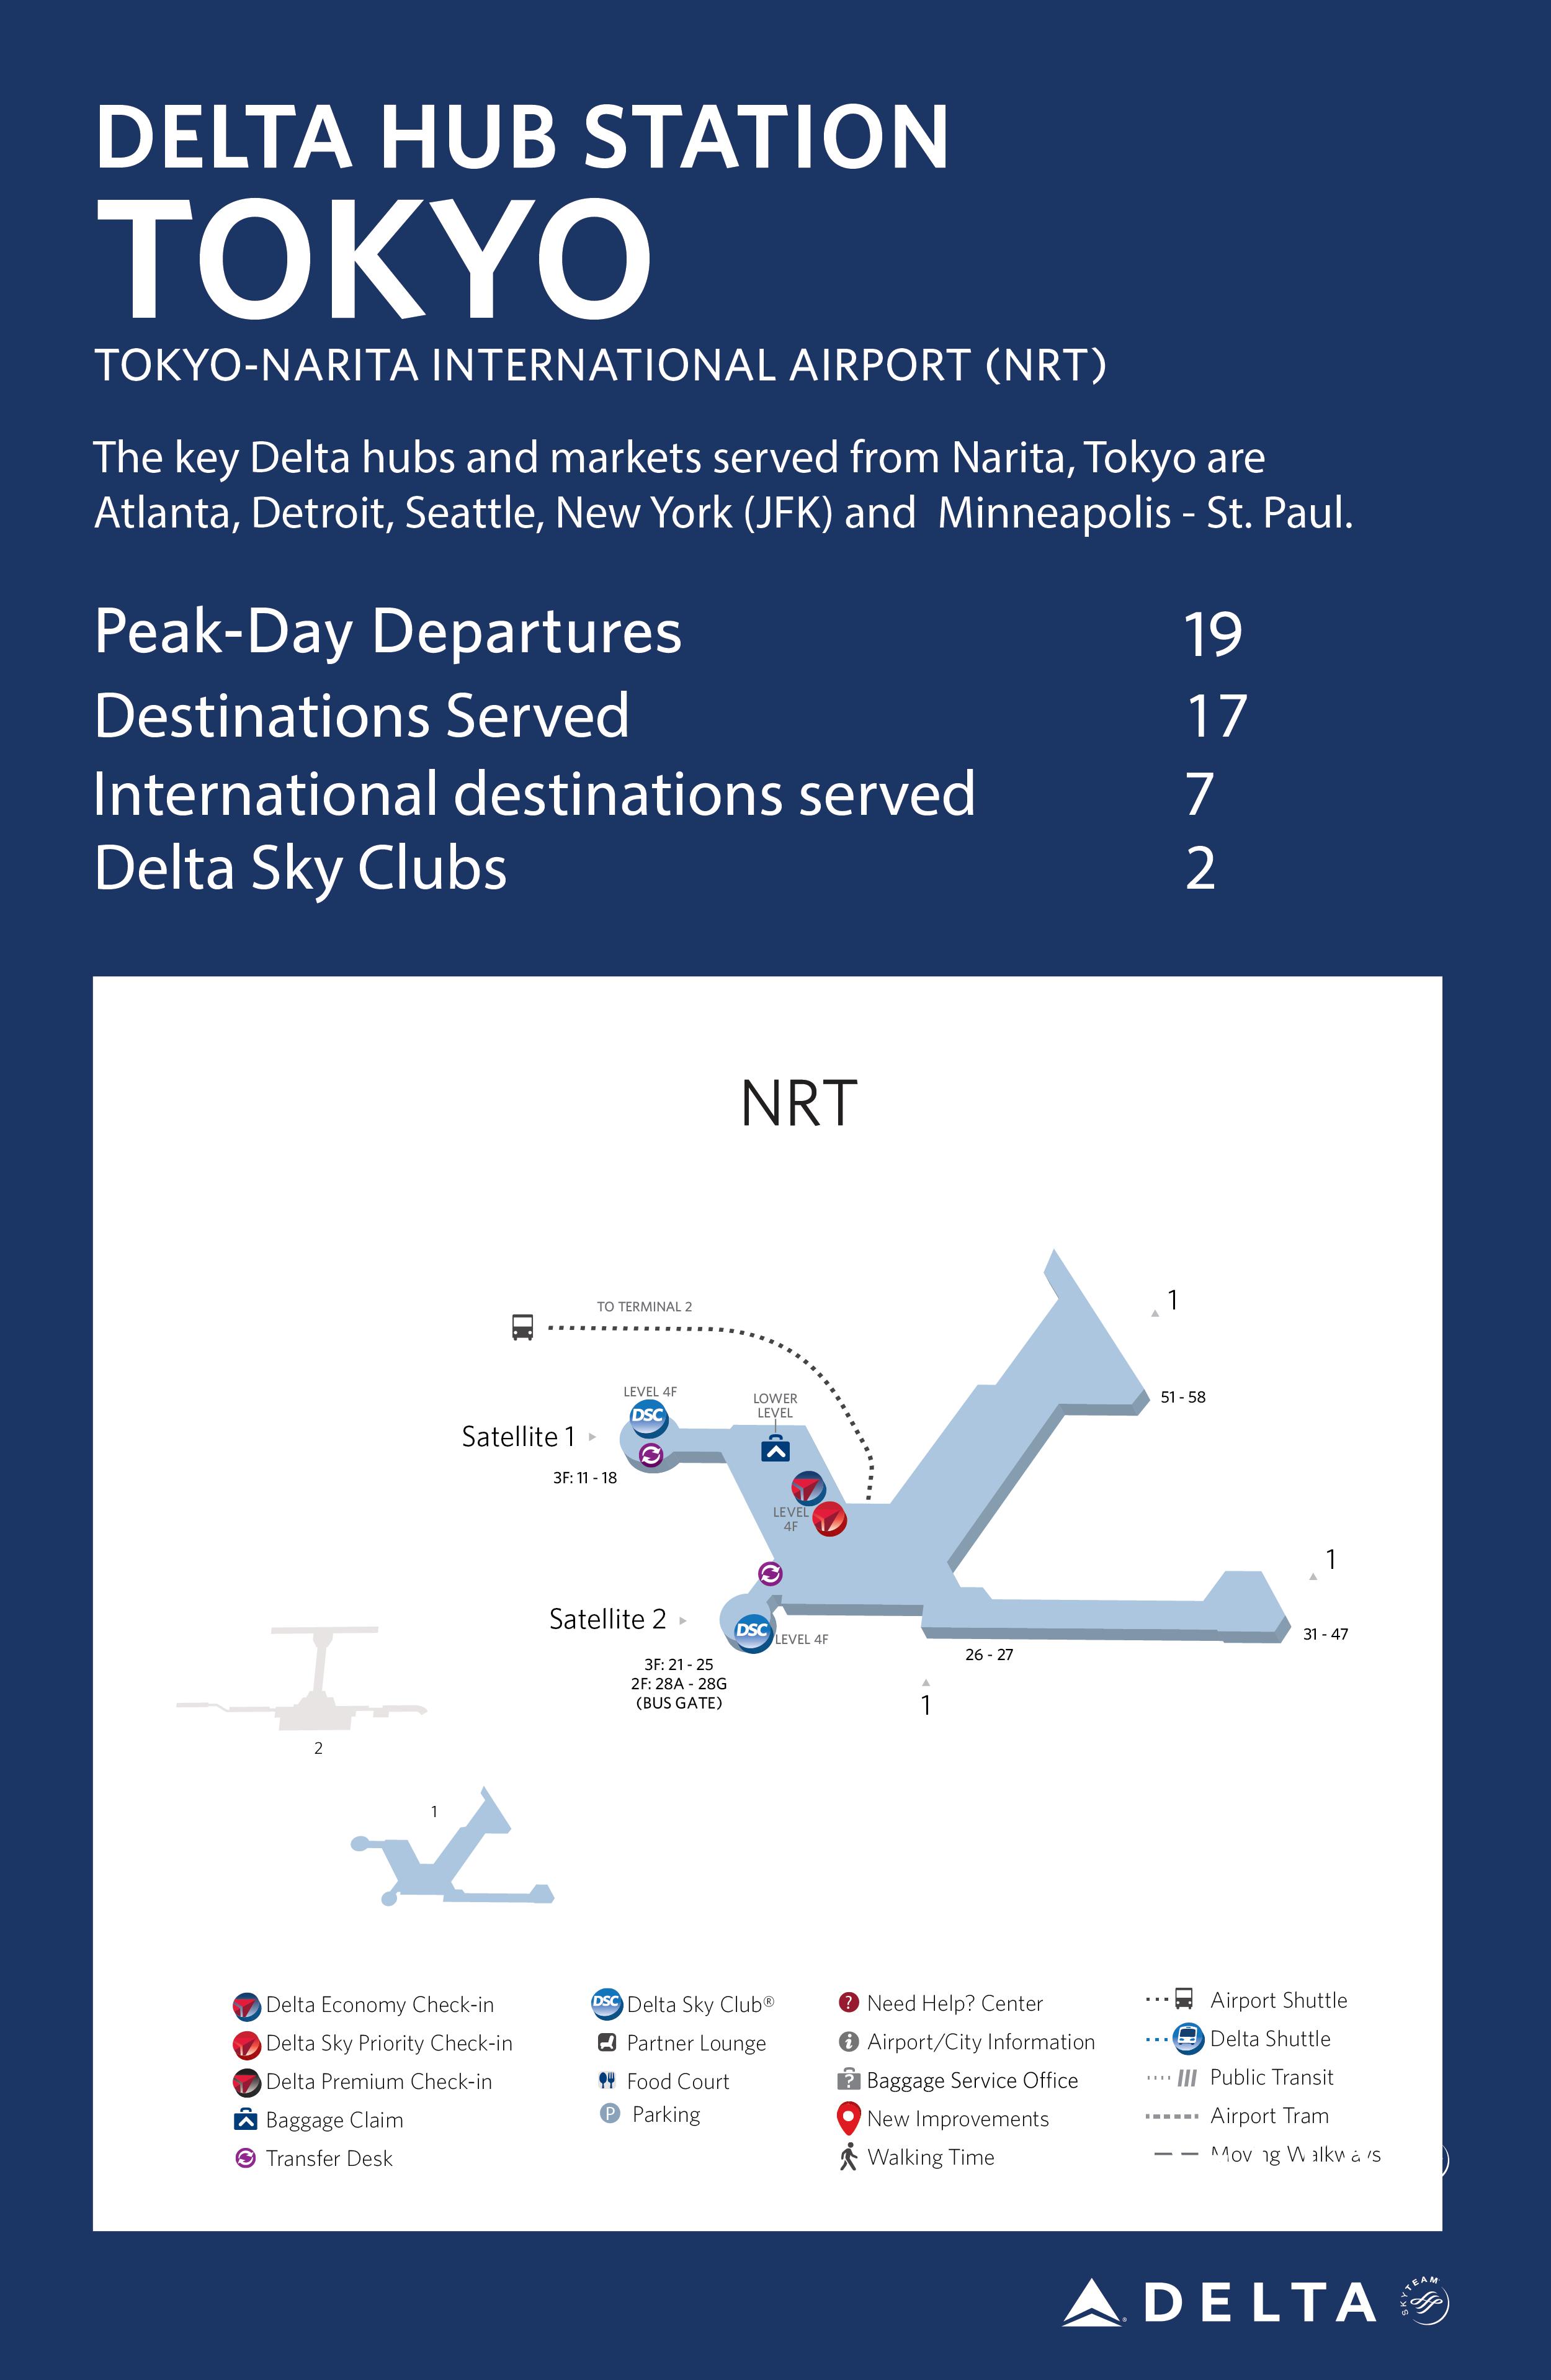 Tokyo Hub Station Fact Sheet